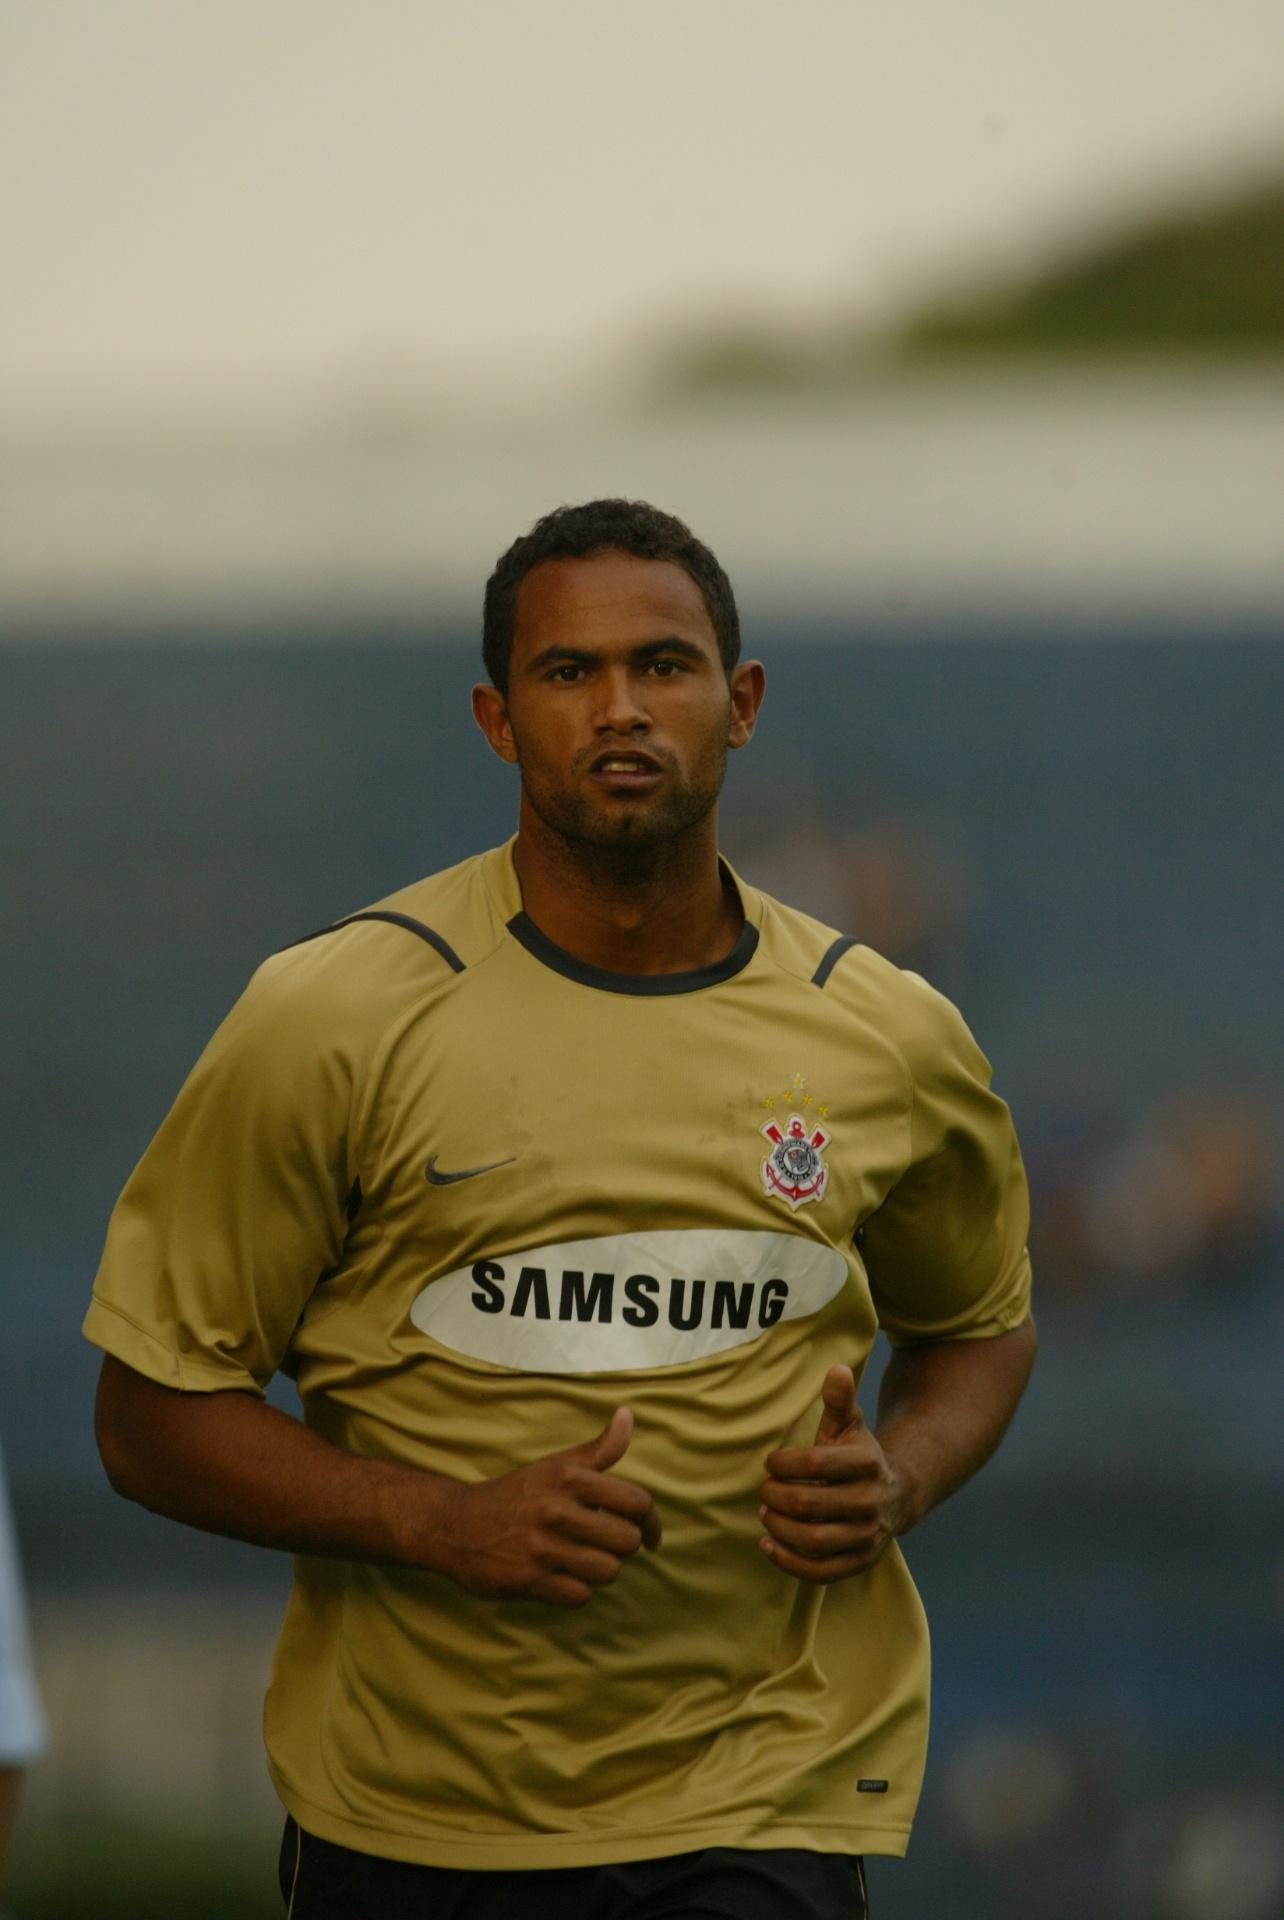 Goleiro Bruno Passou Dias No Corinthians Em 2006 E Deixou Clube Apos Acordo 20 03 2017 Uol Esporte